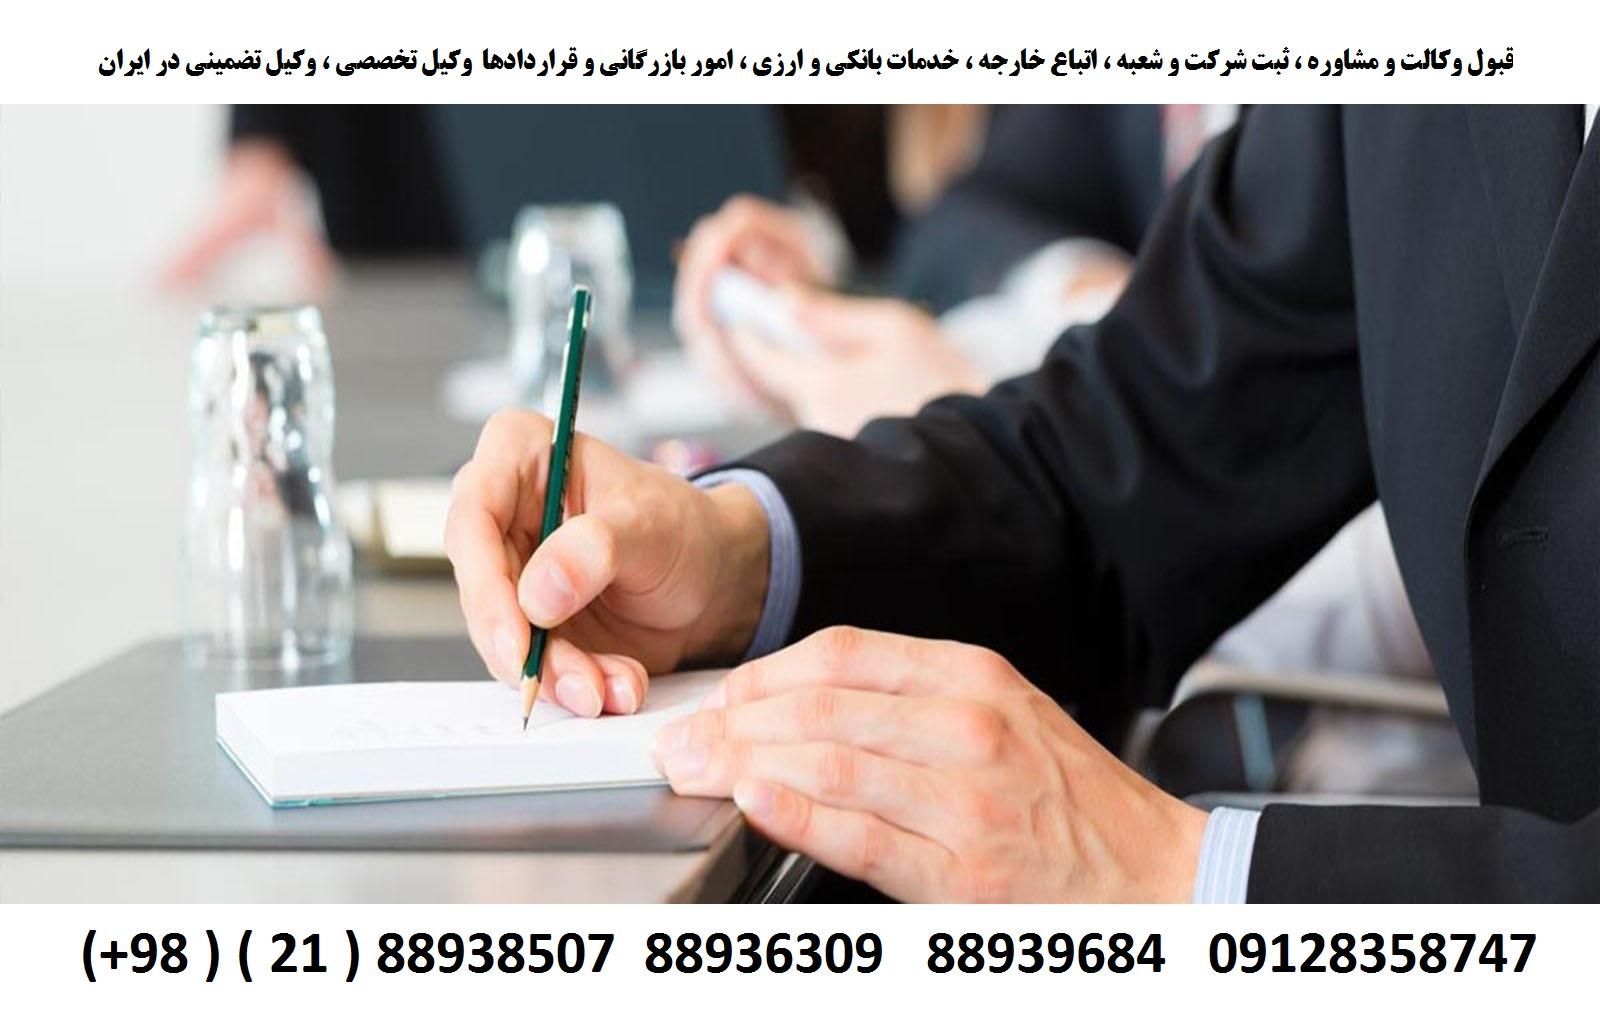 قبول وکالت و مشاوره ، ثبت شرکت و شعبه ، خدمات بانکی و ارزی ، بازرگانی (4)